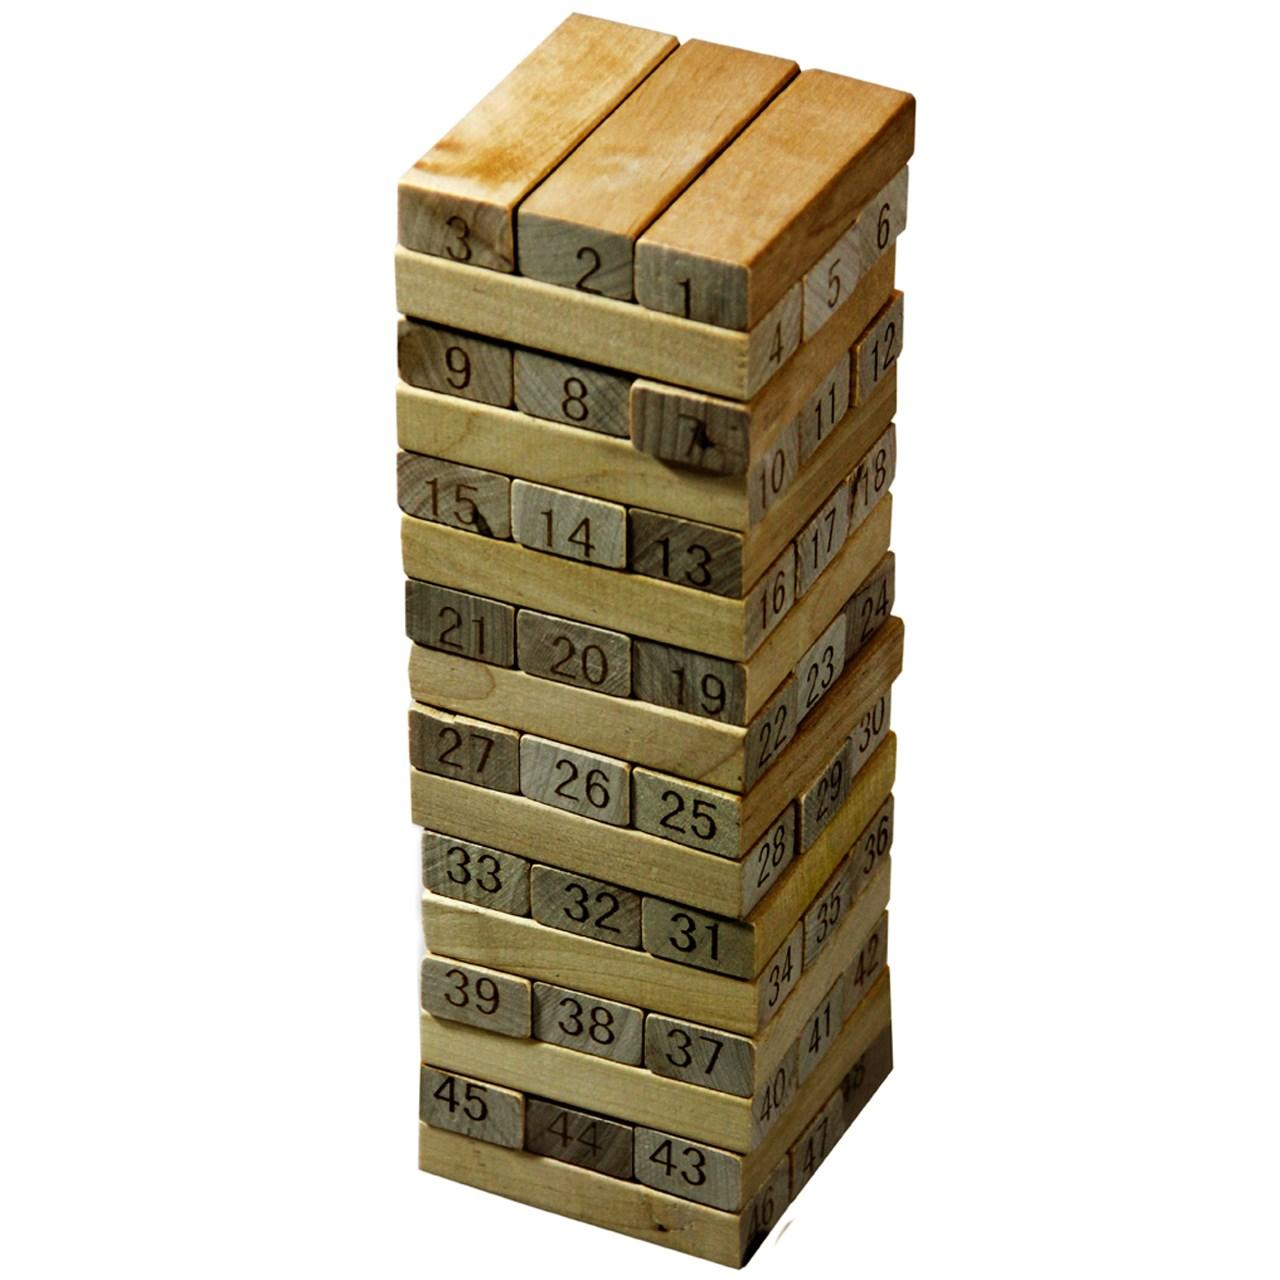 بازی 48 تکه جنگا فولدز های مدل Wood Toys